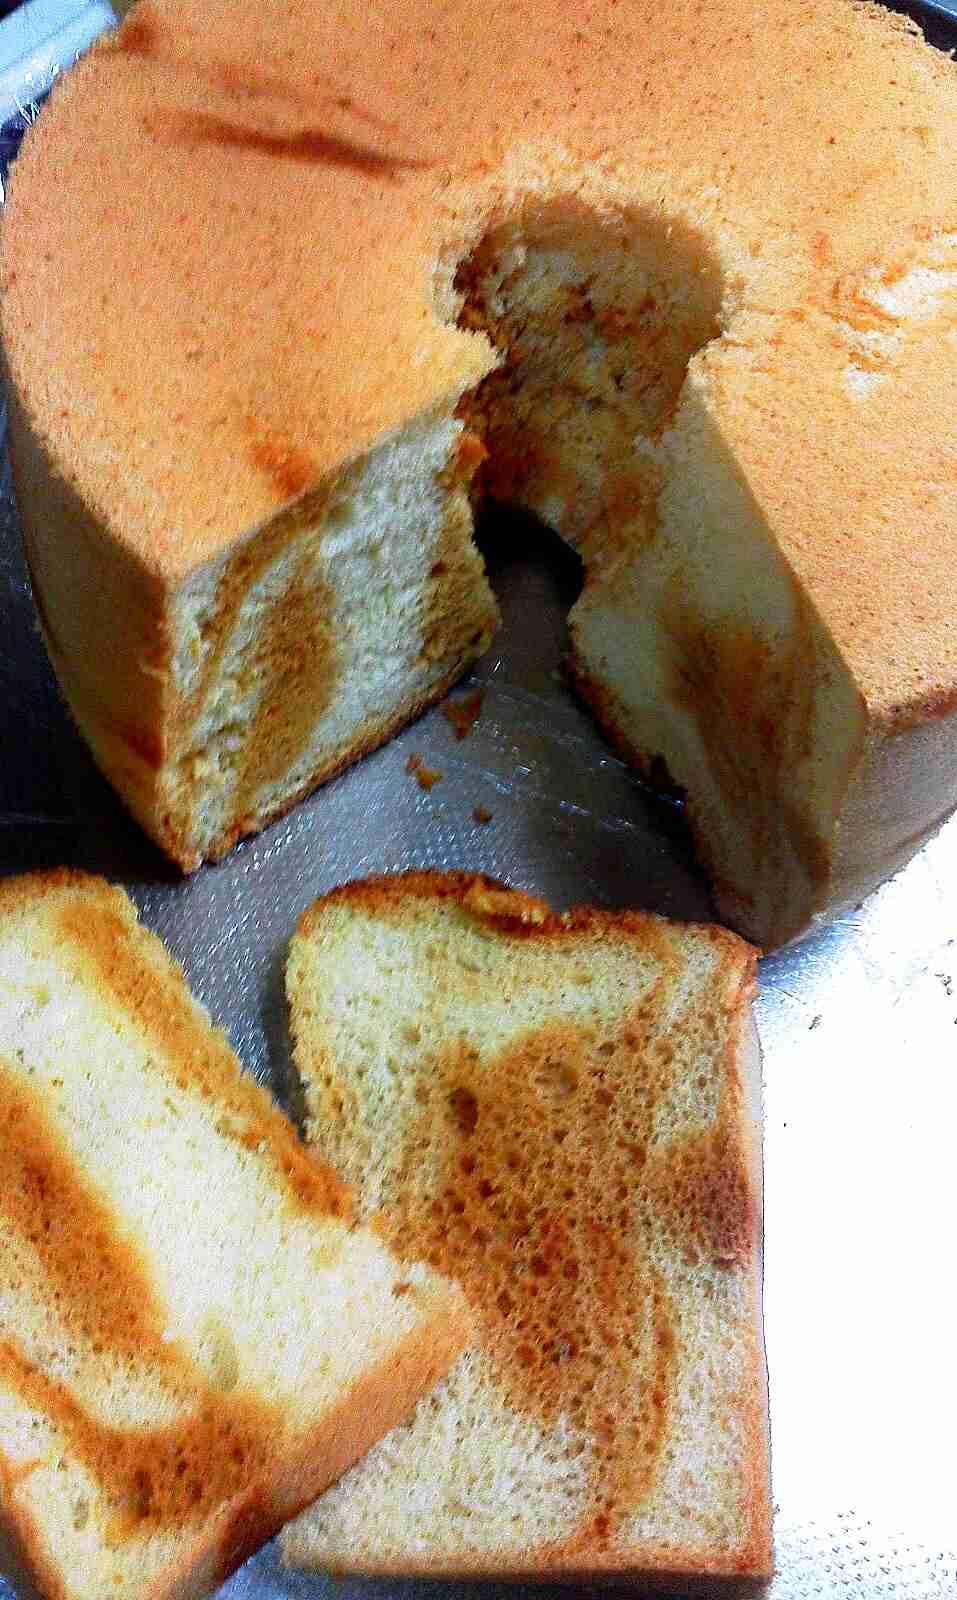 シフォンケーキの画像が集まるトピ